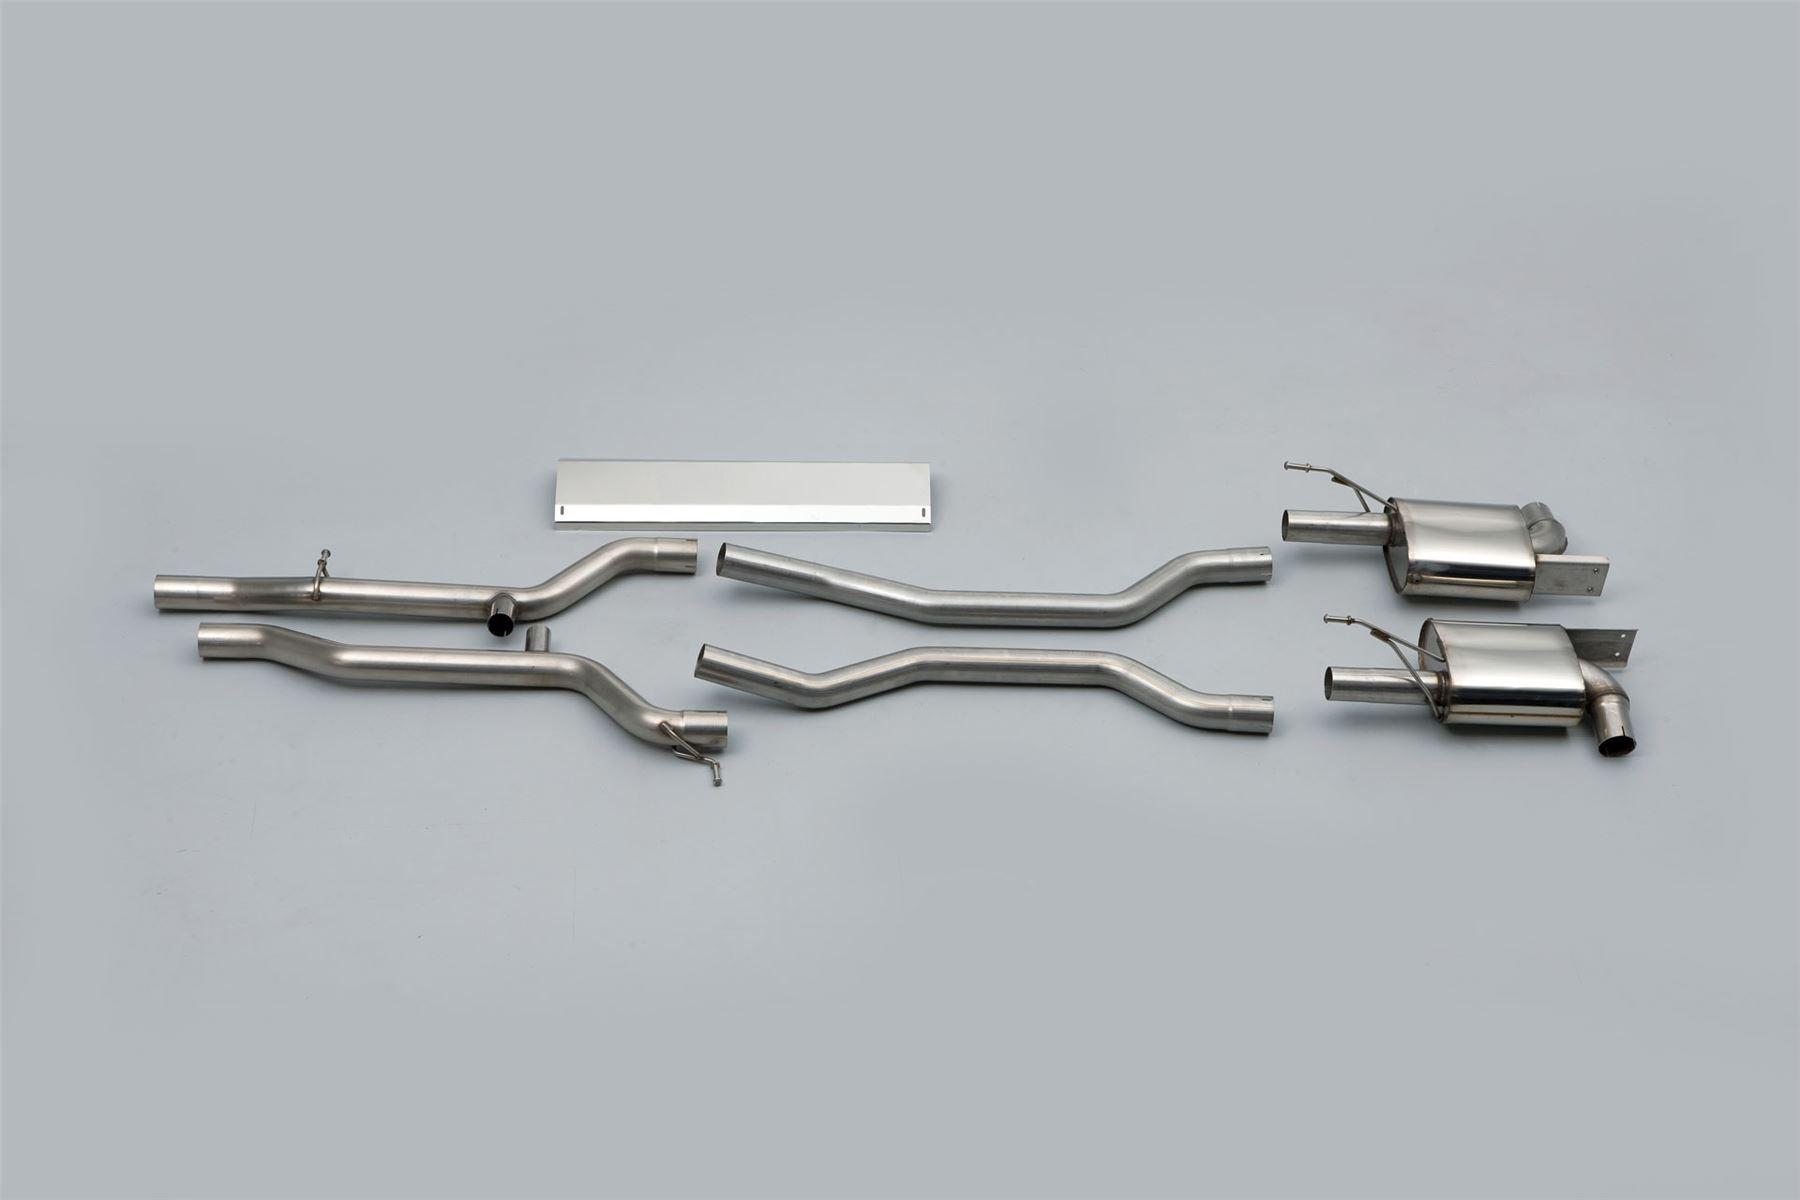 Ssxpo018 Milltek Exhaust For Porsche Cayenne 955 S 4 5 V8